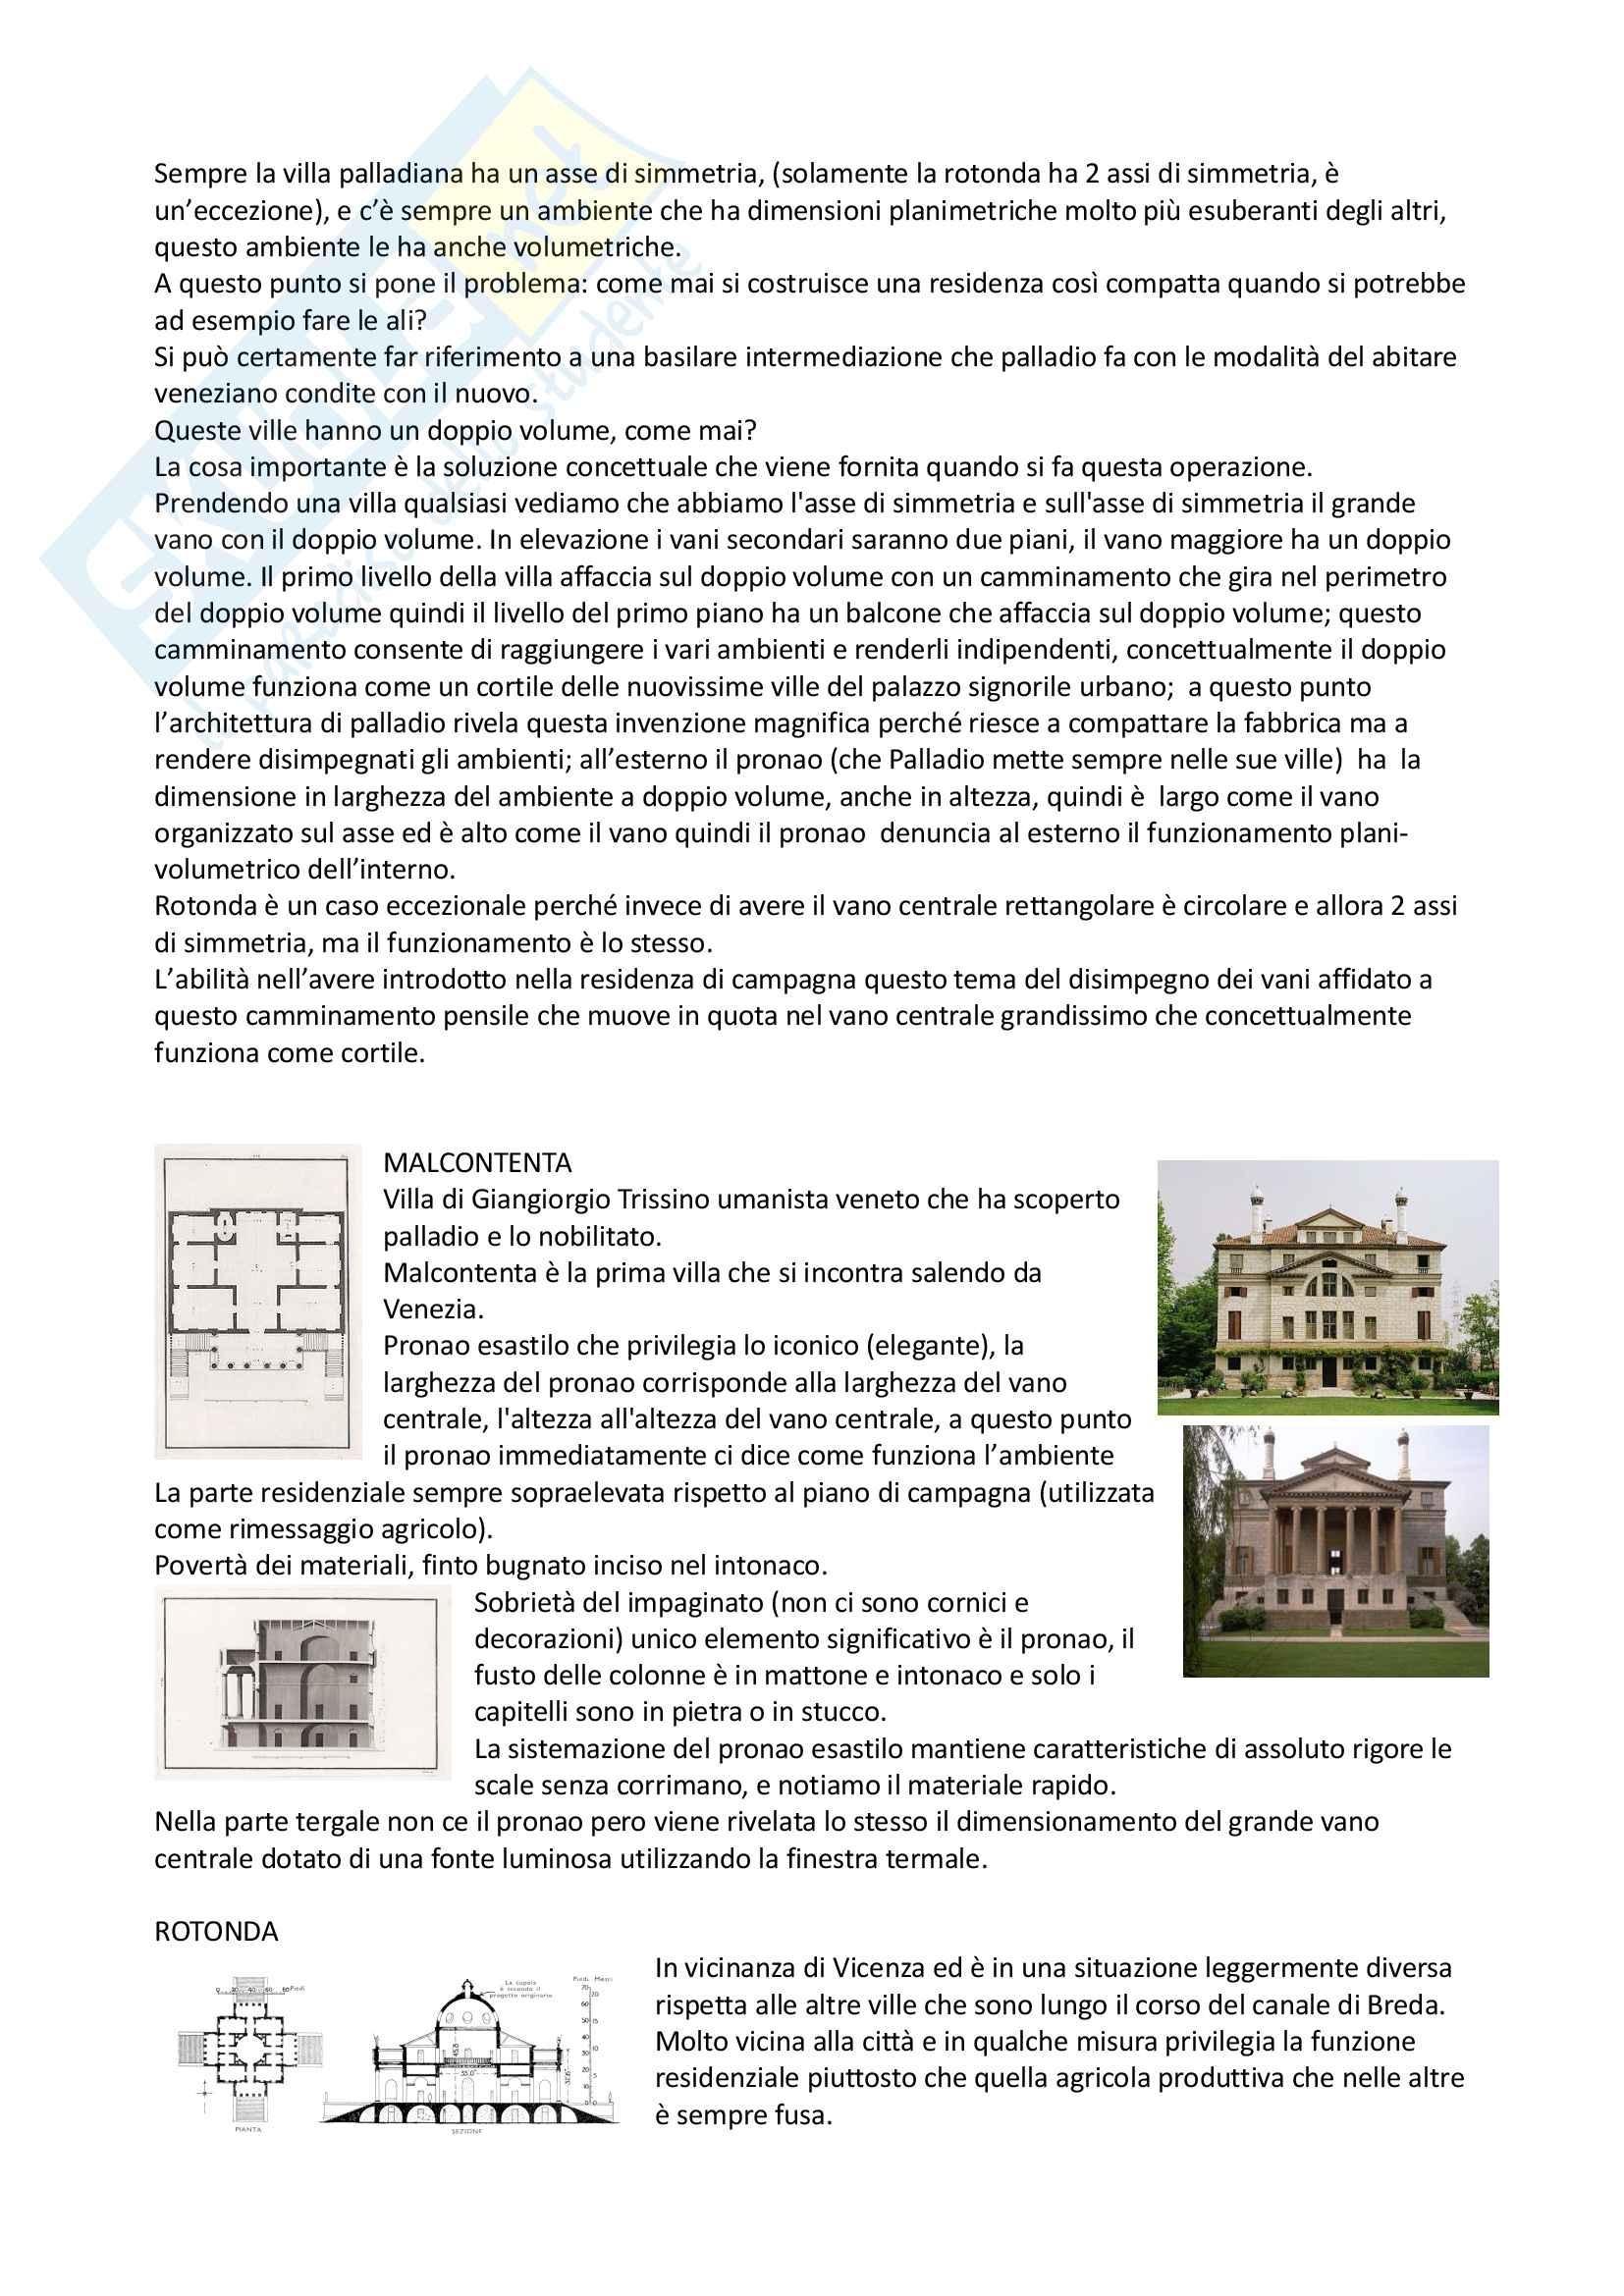 Lezioni di storia dell'architettura e del territorio con immagini Pag. 106